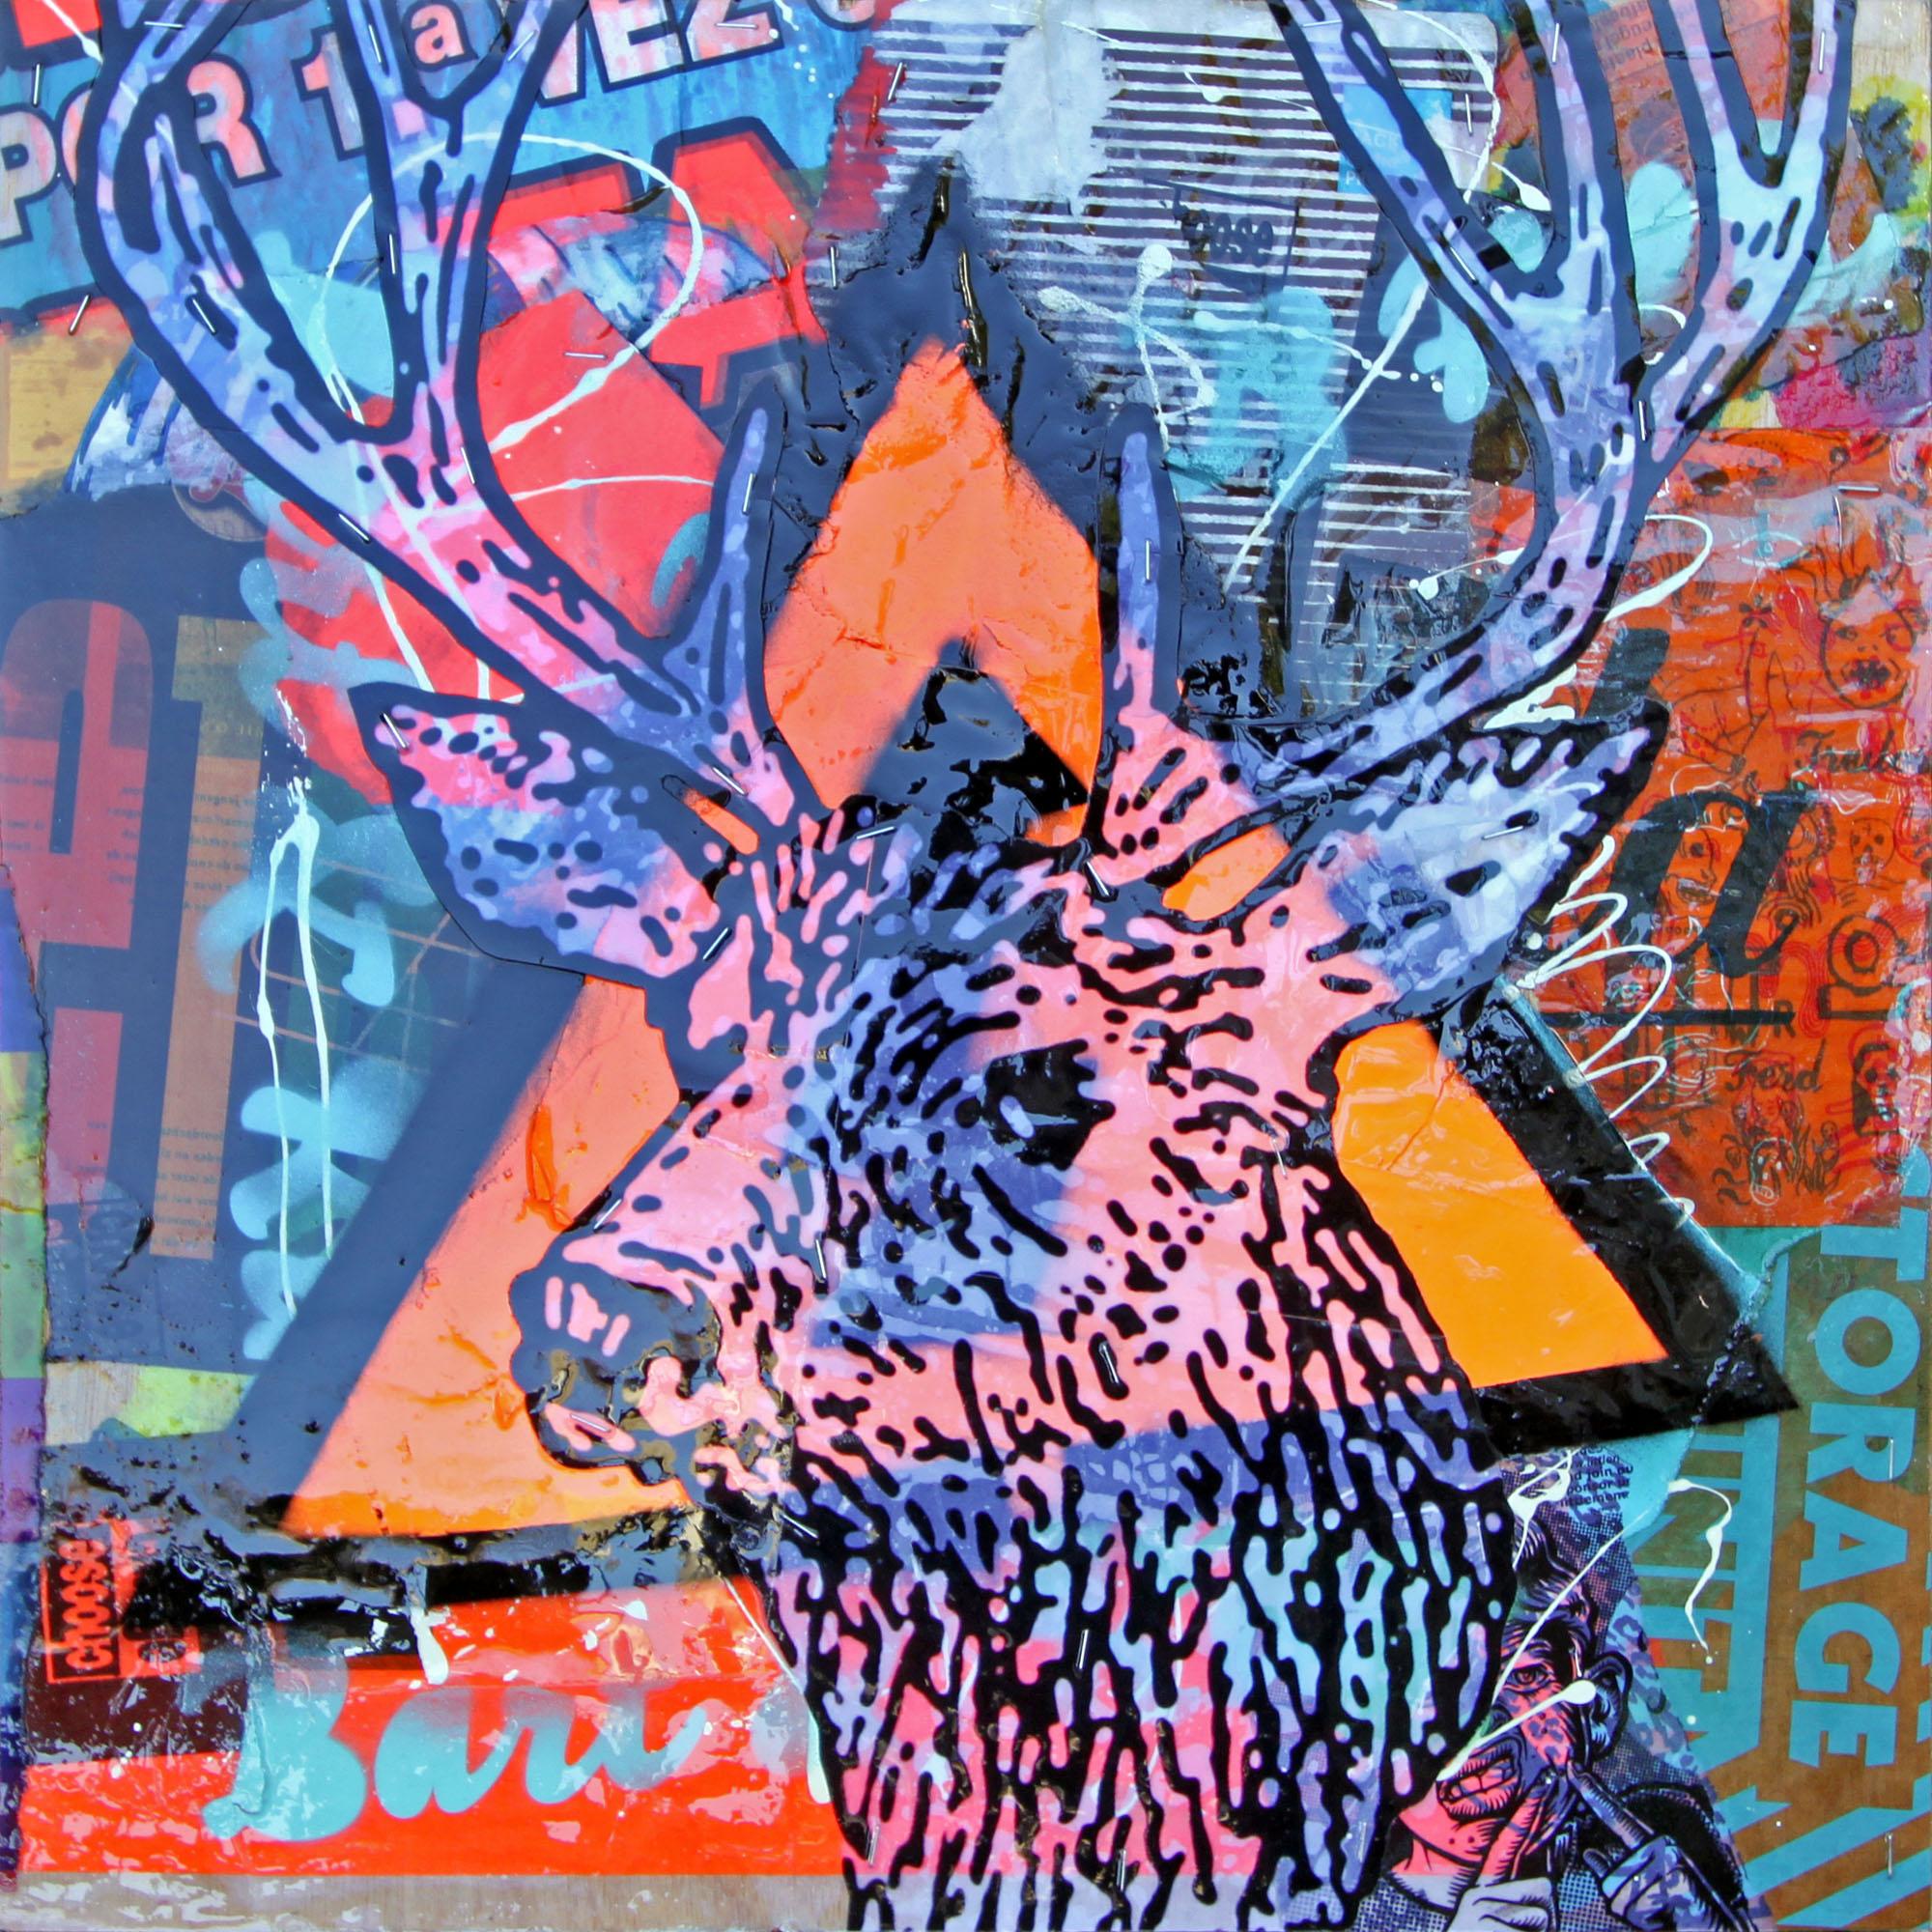 bart-knegt-art-the-deer-01.jpg